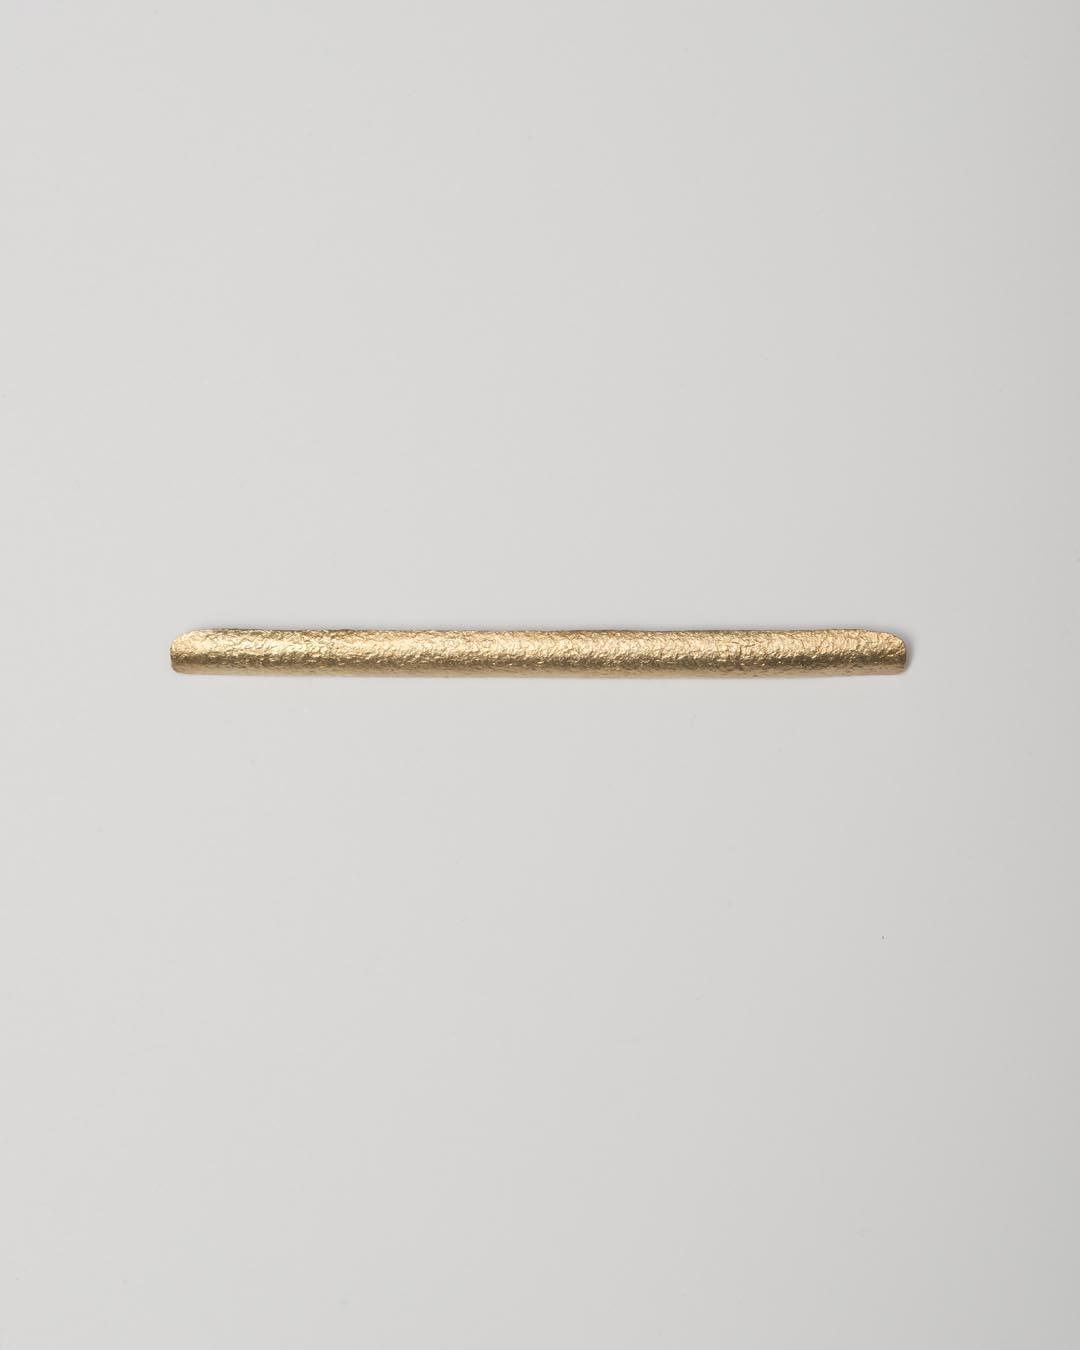 Yasuki Hiramatsu, untitled, brooch; gold-plated silver, 8 x 120 x 2.5 mm, €875